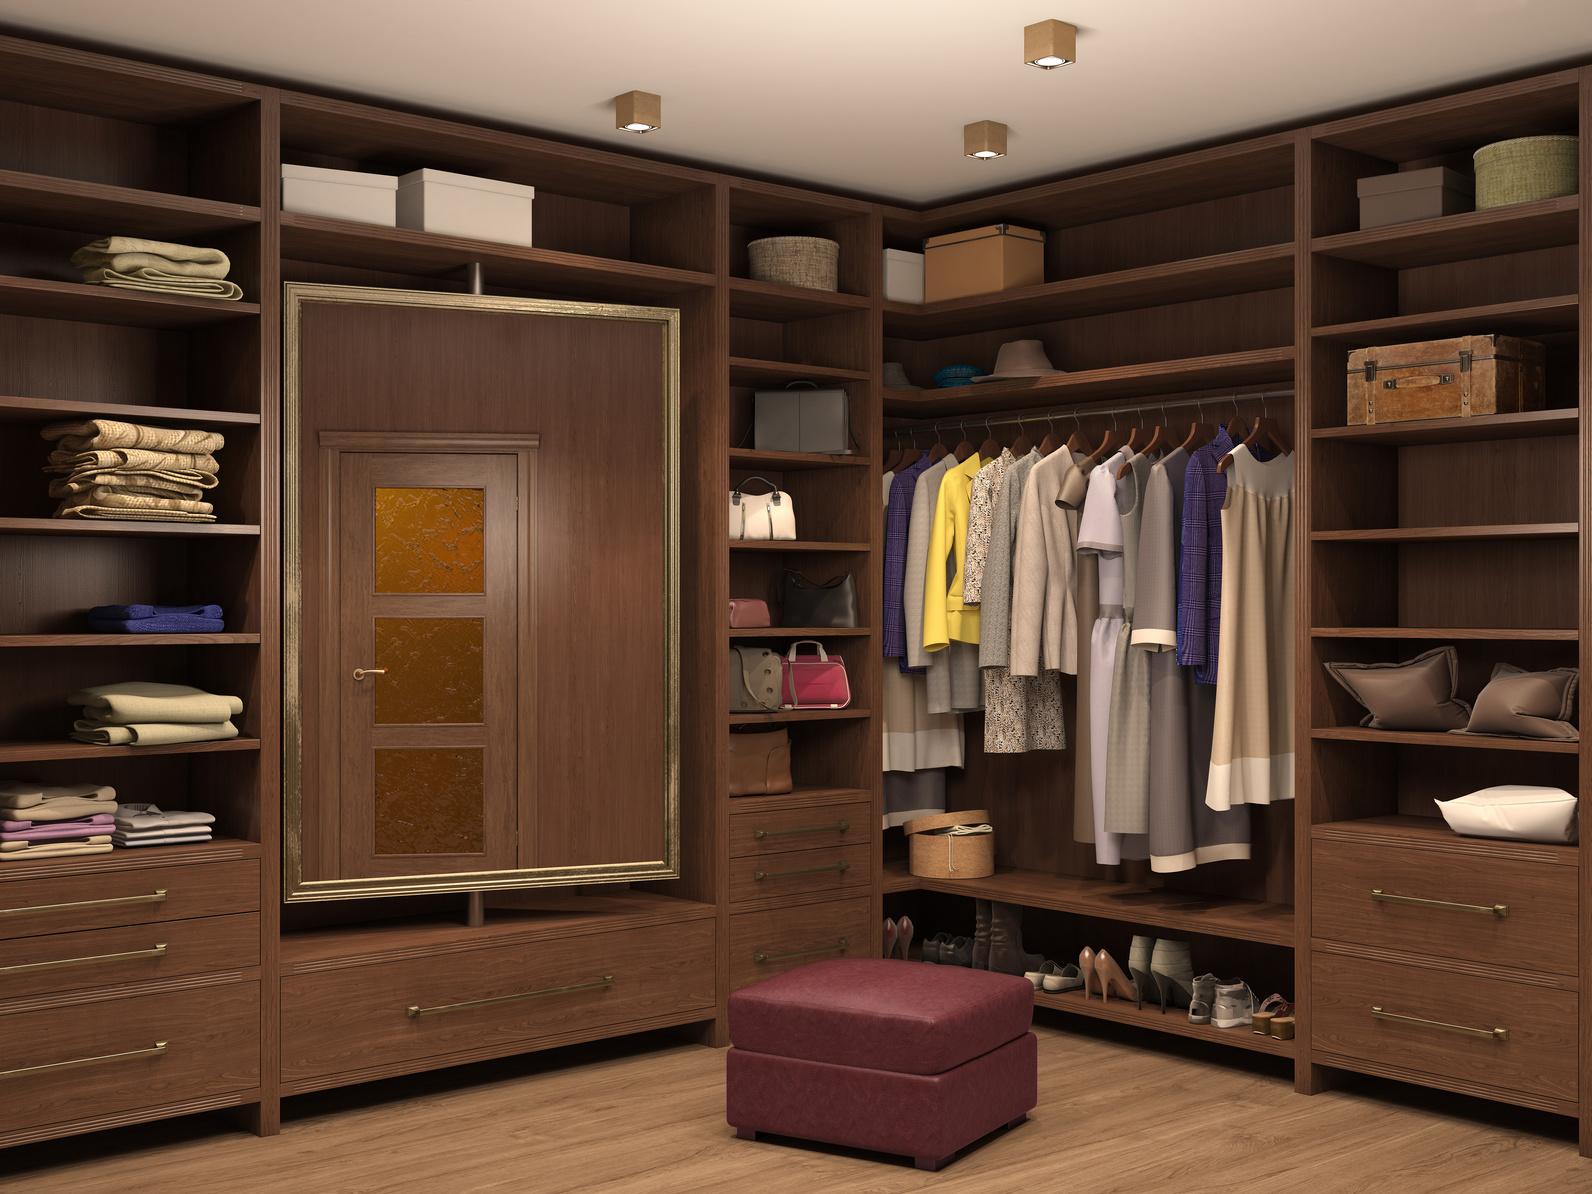 tout ce qu il faut savoir sur le dressing d angle espace les astuces et conseils. Black Bedroom Furniture Sets. Home Design Ideas